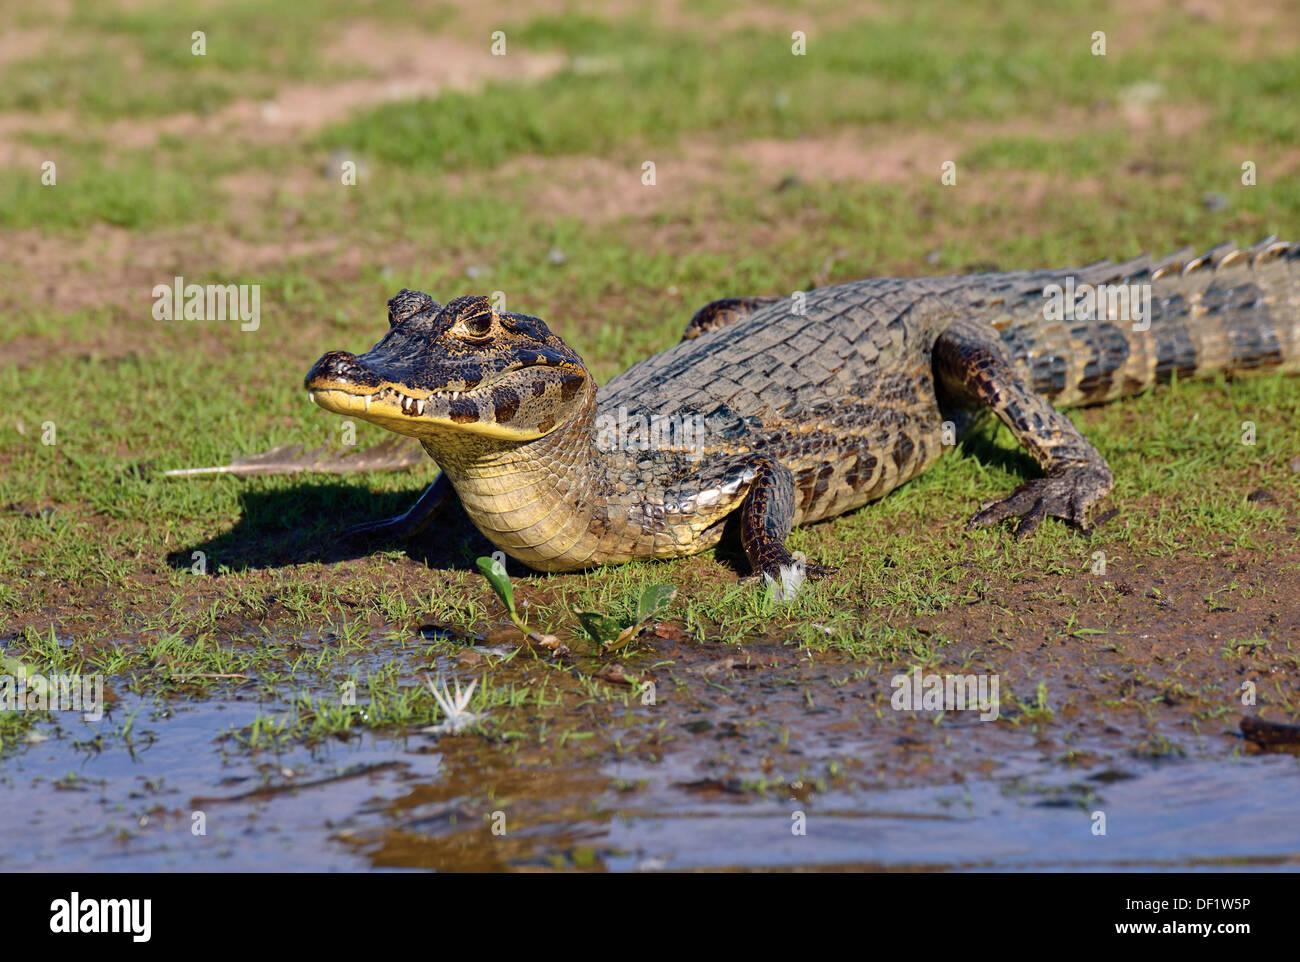 Brazil, Pantanal: Young yacare caiman (Caiman yacare) at